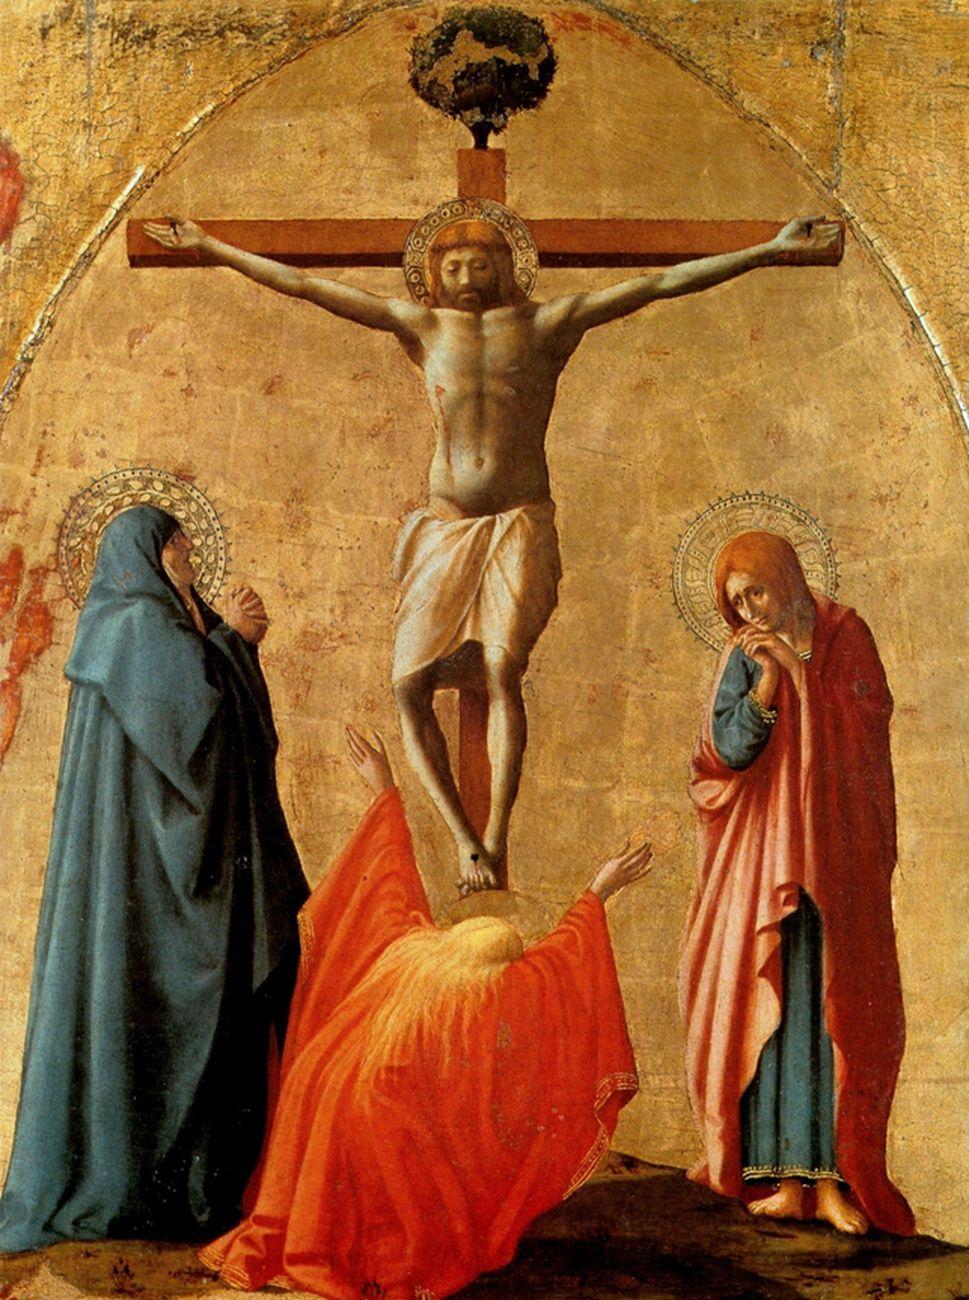 Masaccio, Crocifissione, 1426, tavola, 83x63 cm. Museo nazionale di Capodimonte, Napoli